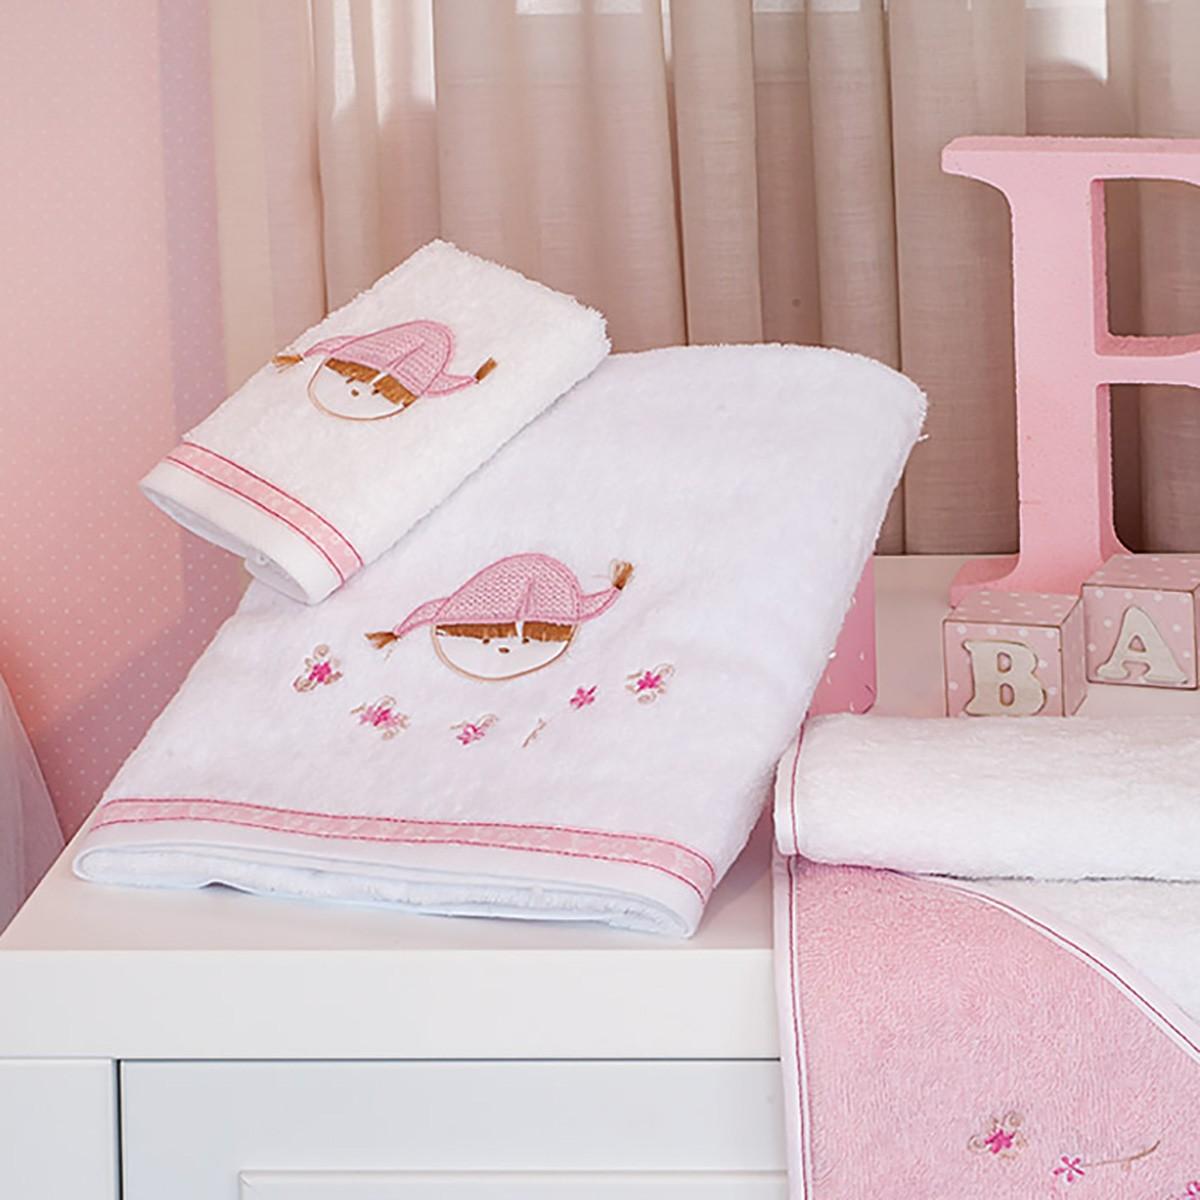 Βρεφικές Πετσέτες (Σετ 2τμχ) Baby Oliver Pink Booboo Des 142